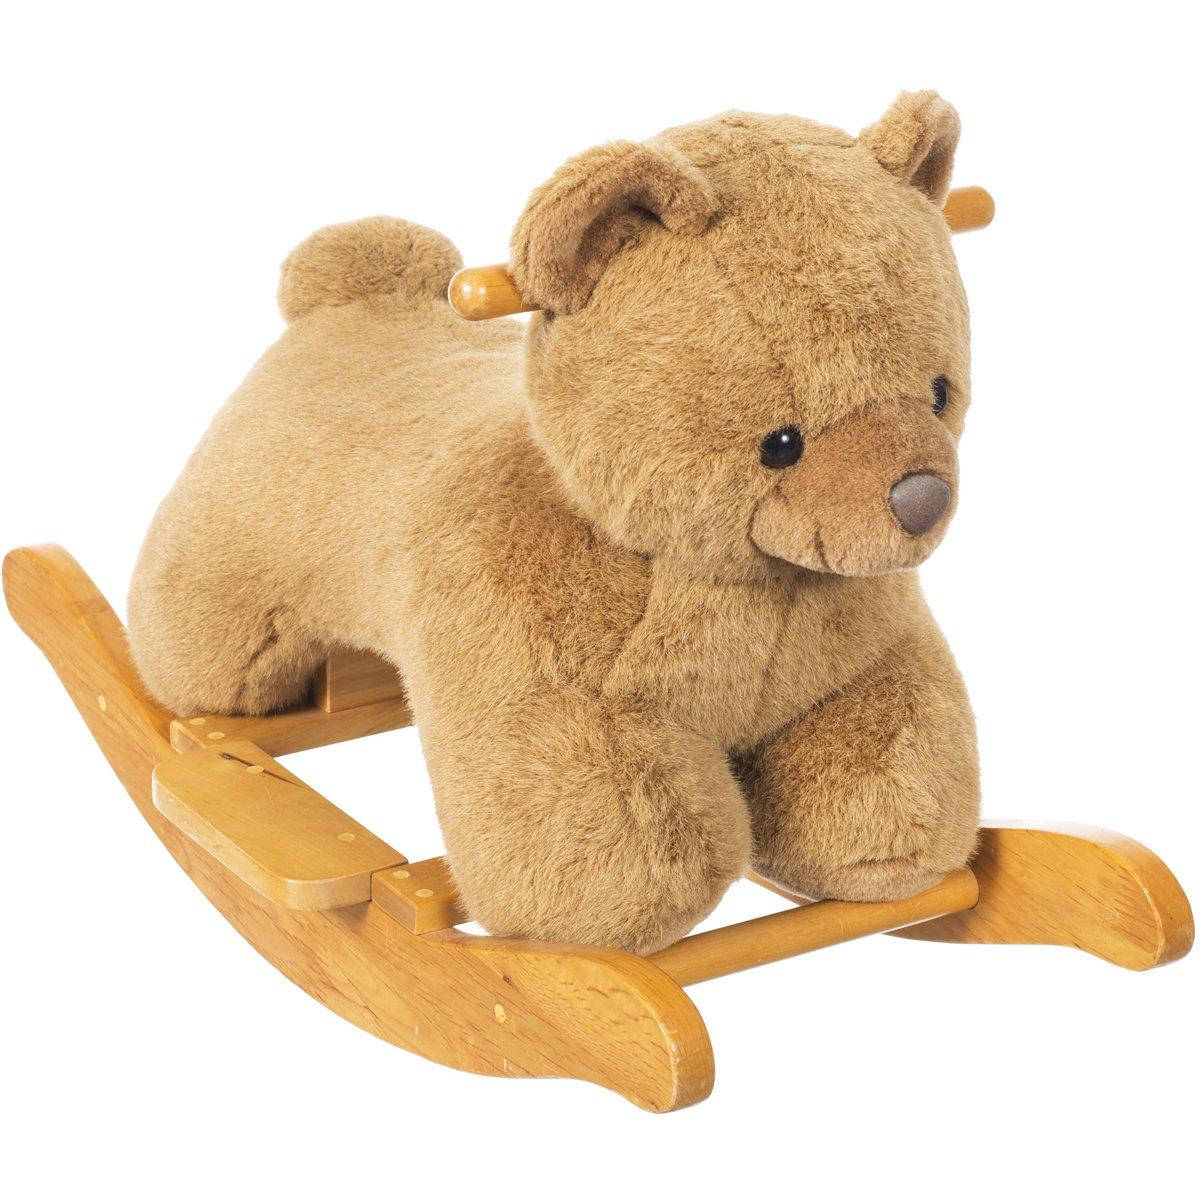 Baby Schaukeltier Bärchen aus Holz, kuschelweiches Plüsch - Schaukel Bär Schaukelpferd Plüsch Schaukel Spielzeug